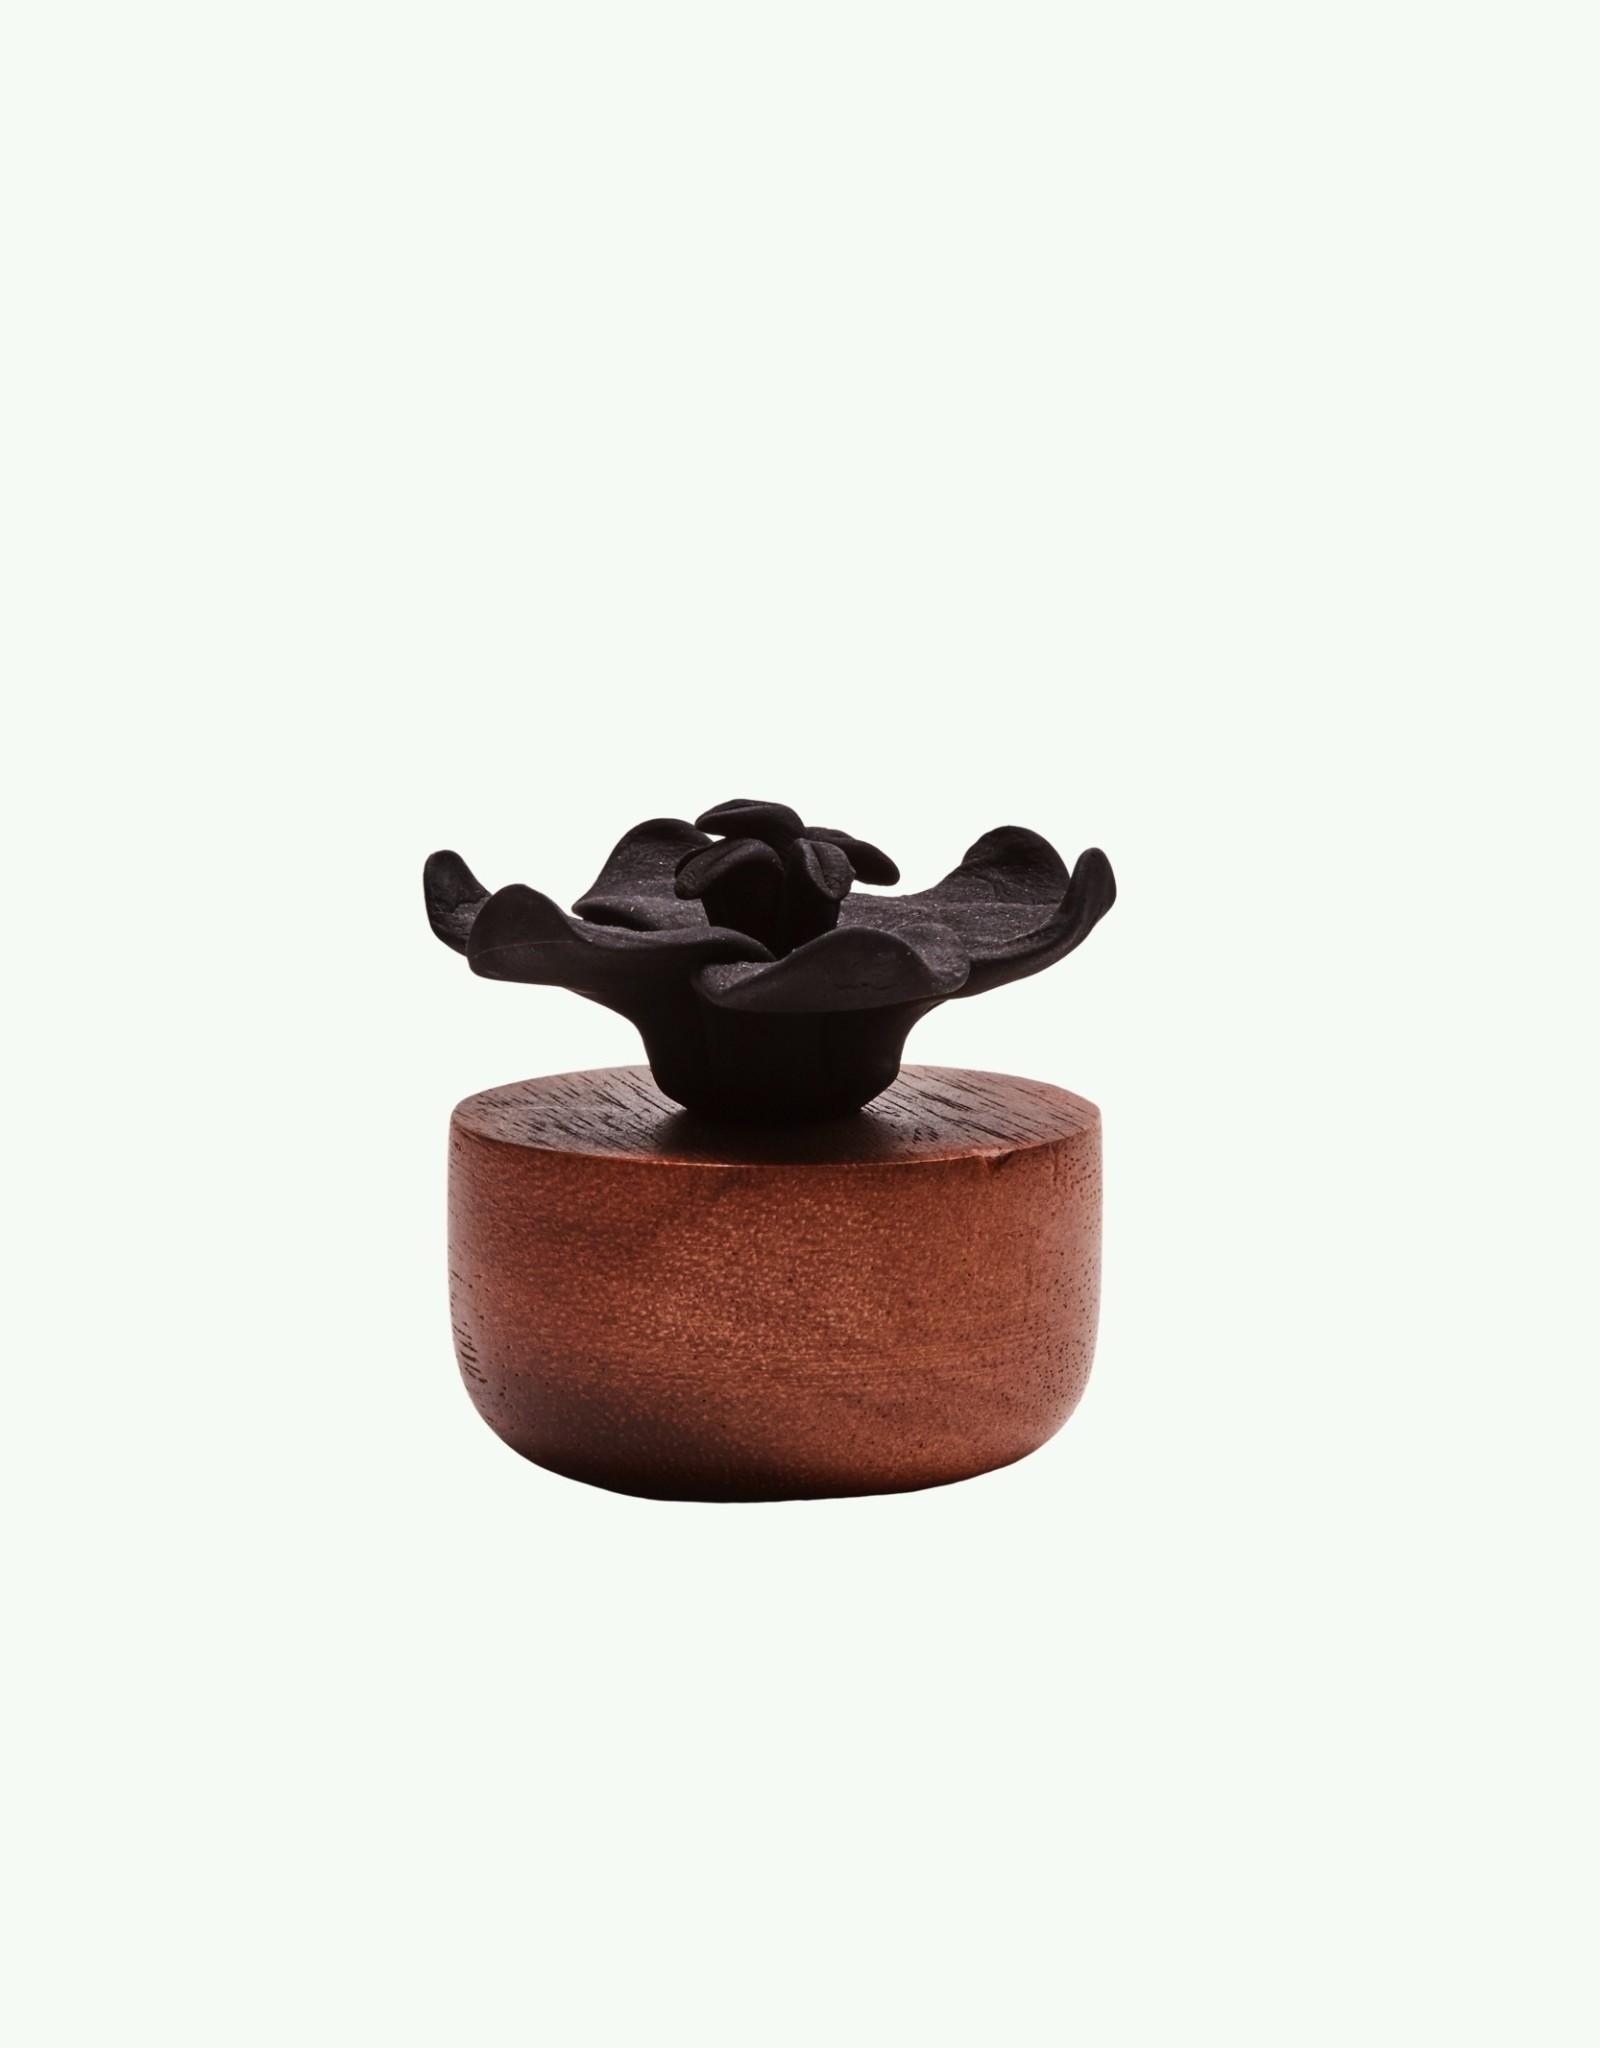 Anoq Anoq - Jasmin d'Orient - Parfum Diffuser - 2 kleuren